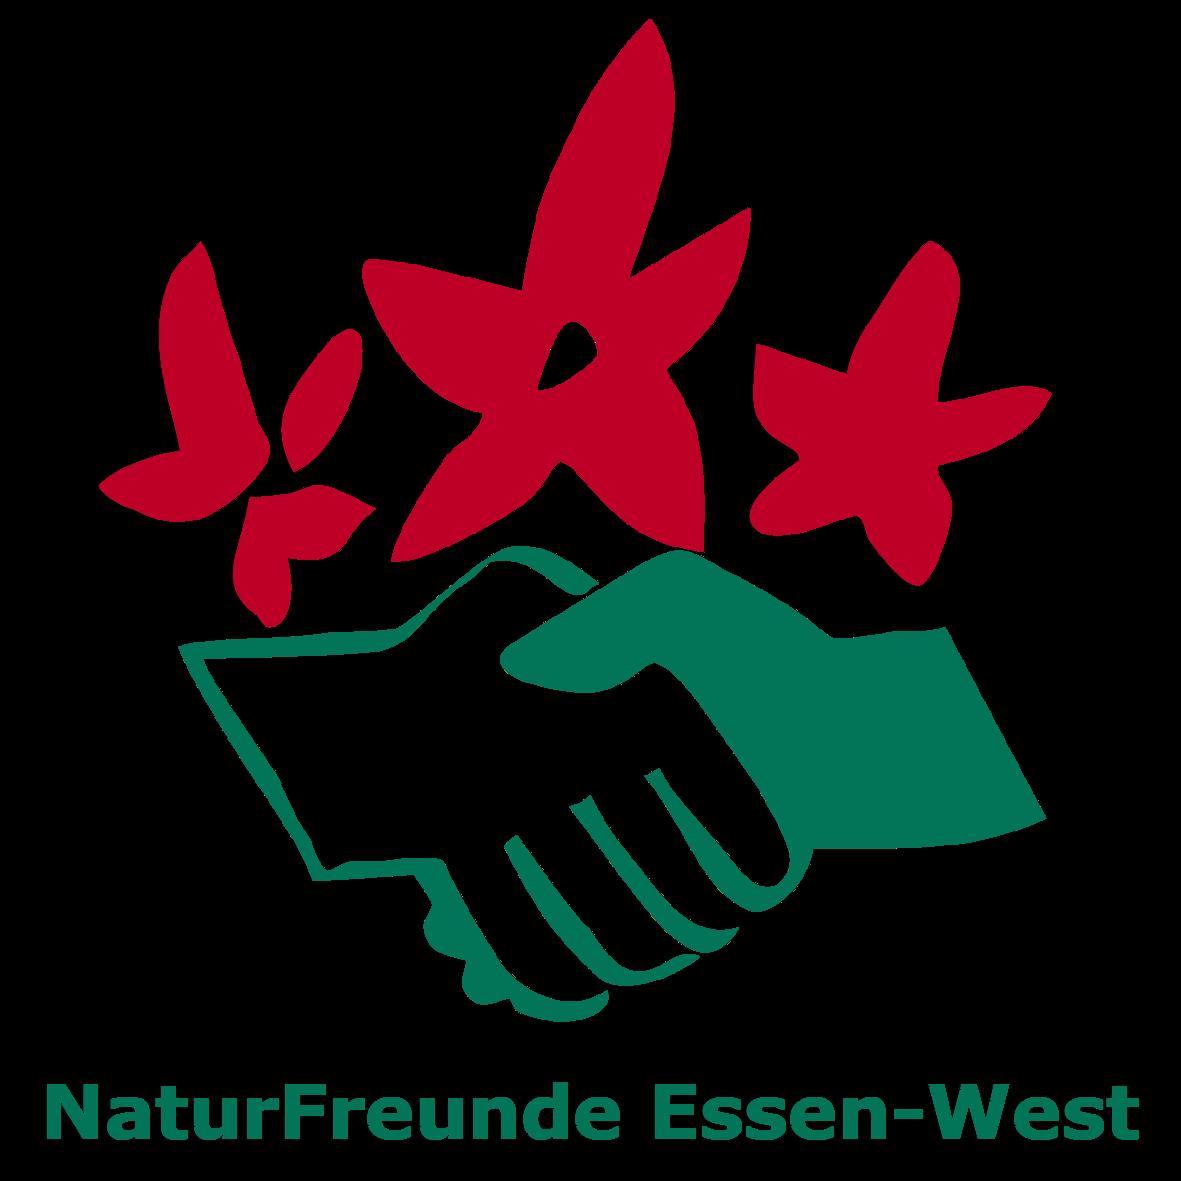 NaturFreunde Essen-West